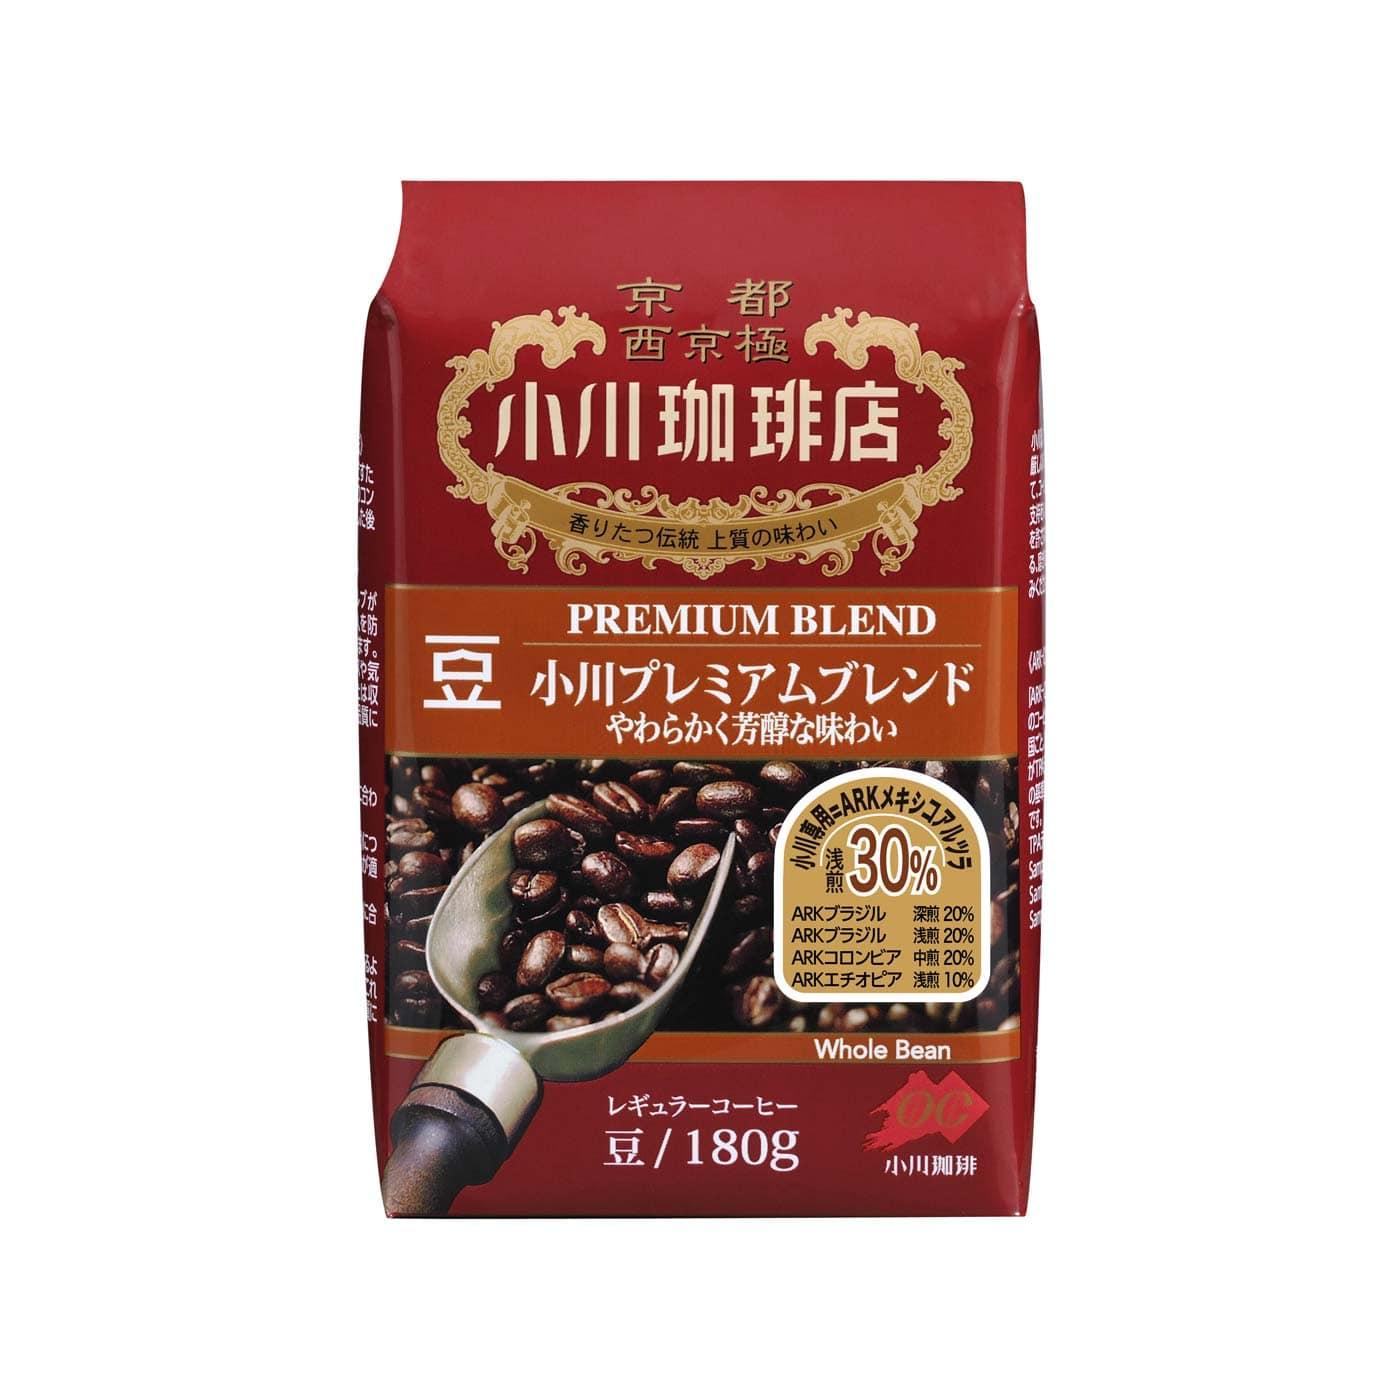 小川プレミアムブレンド(豆)<:V01226999028:>